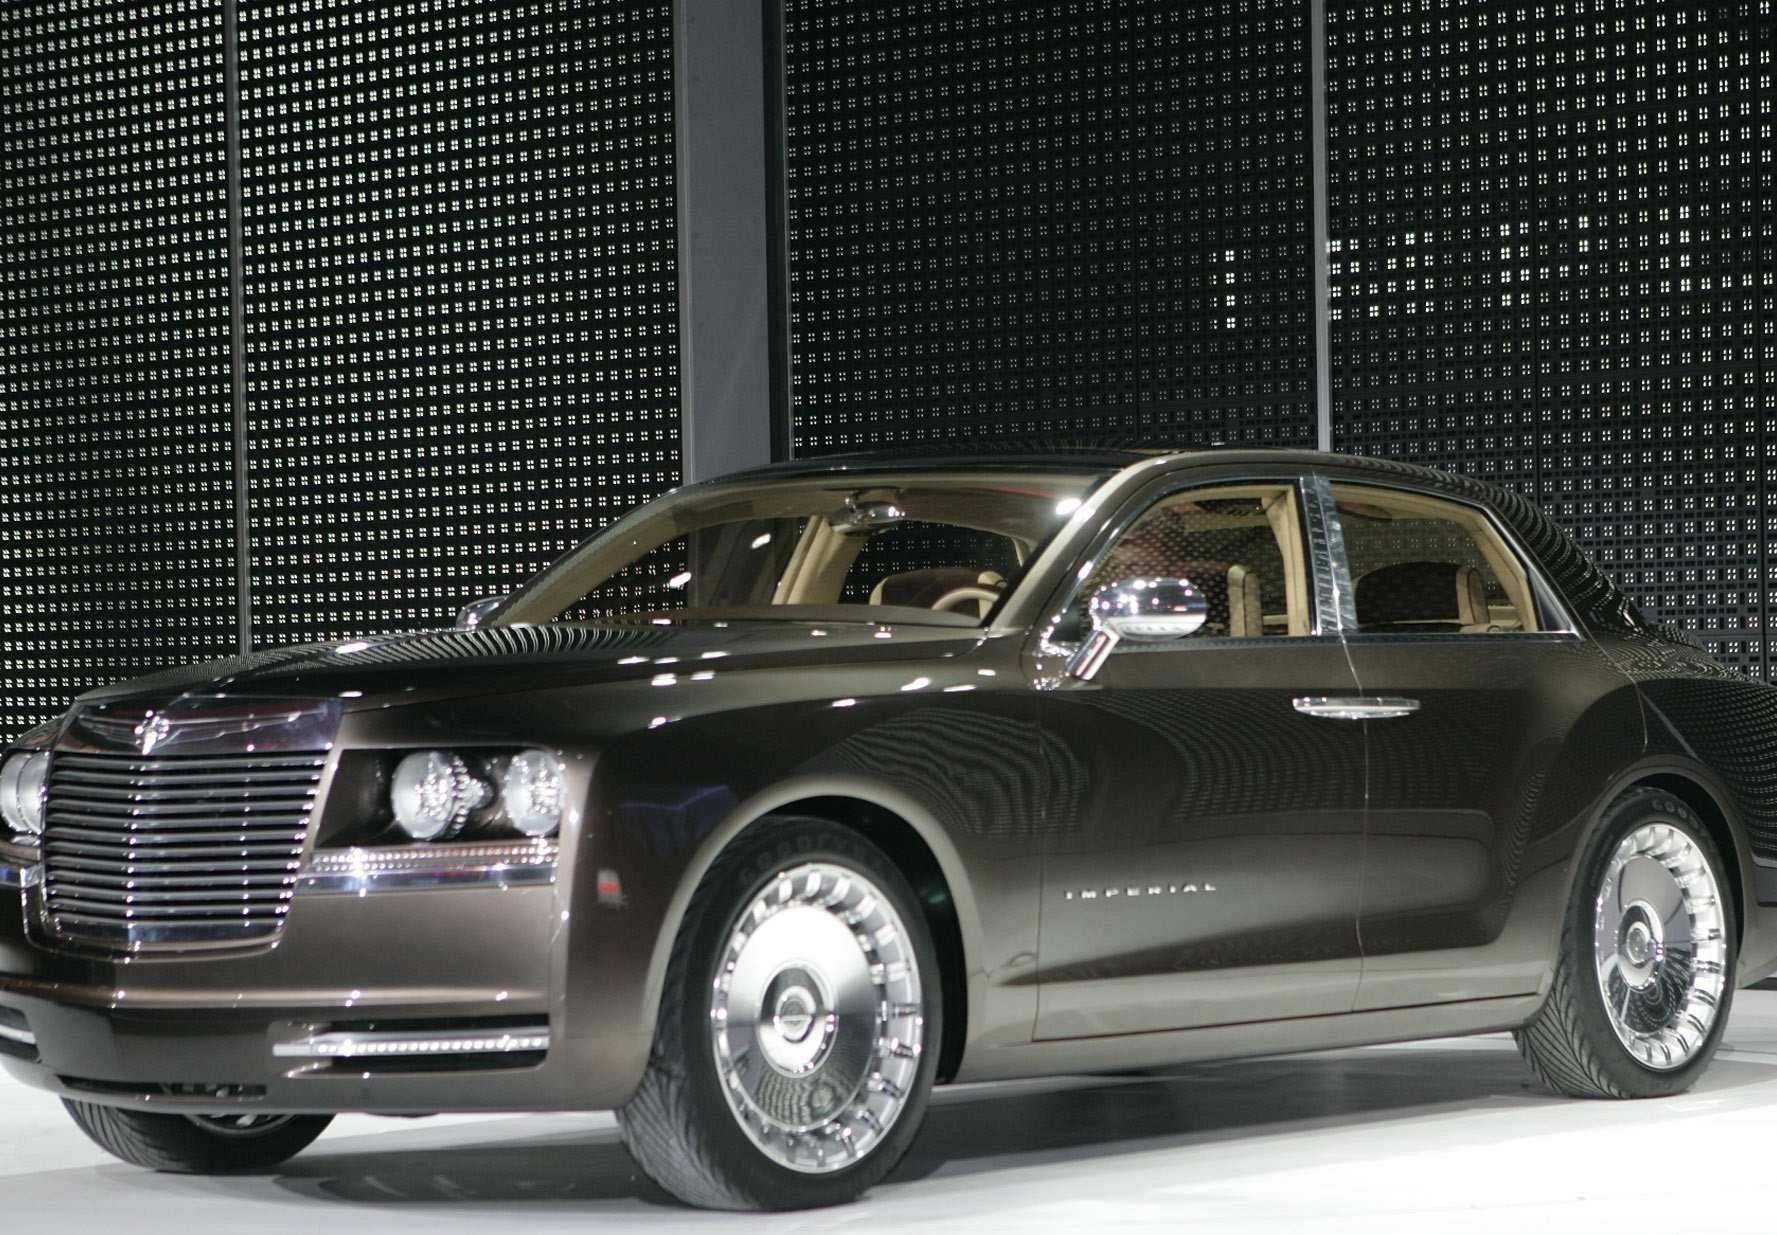 2020 Chrysler 300 Srt8 New Model And Performance Chrysler